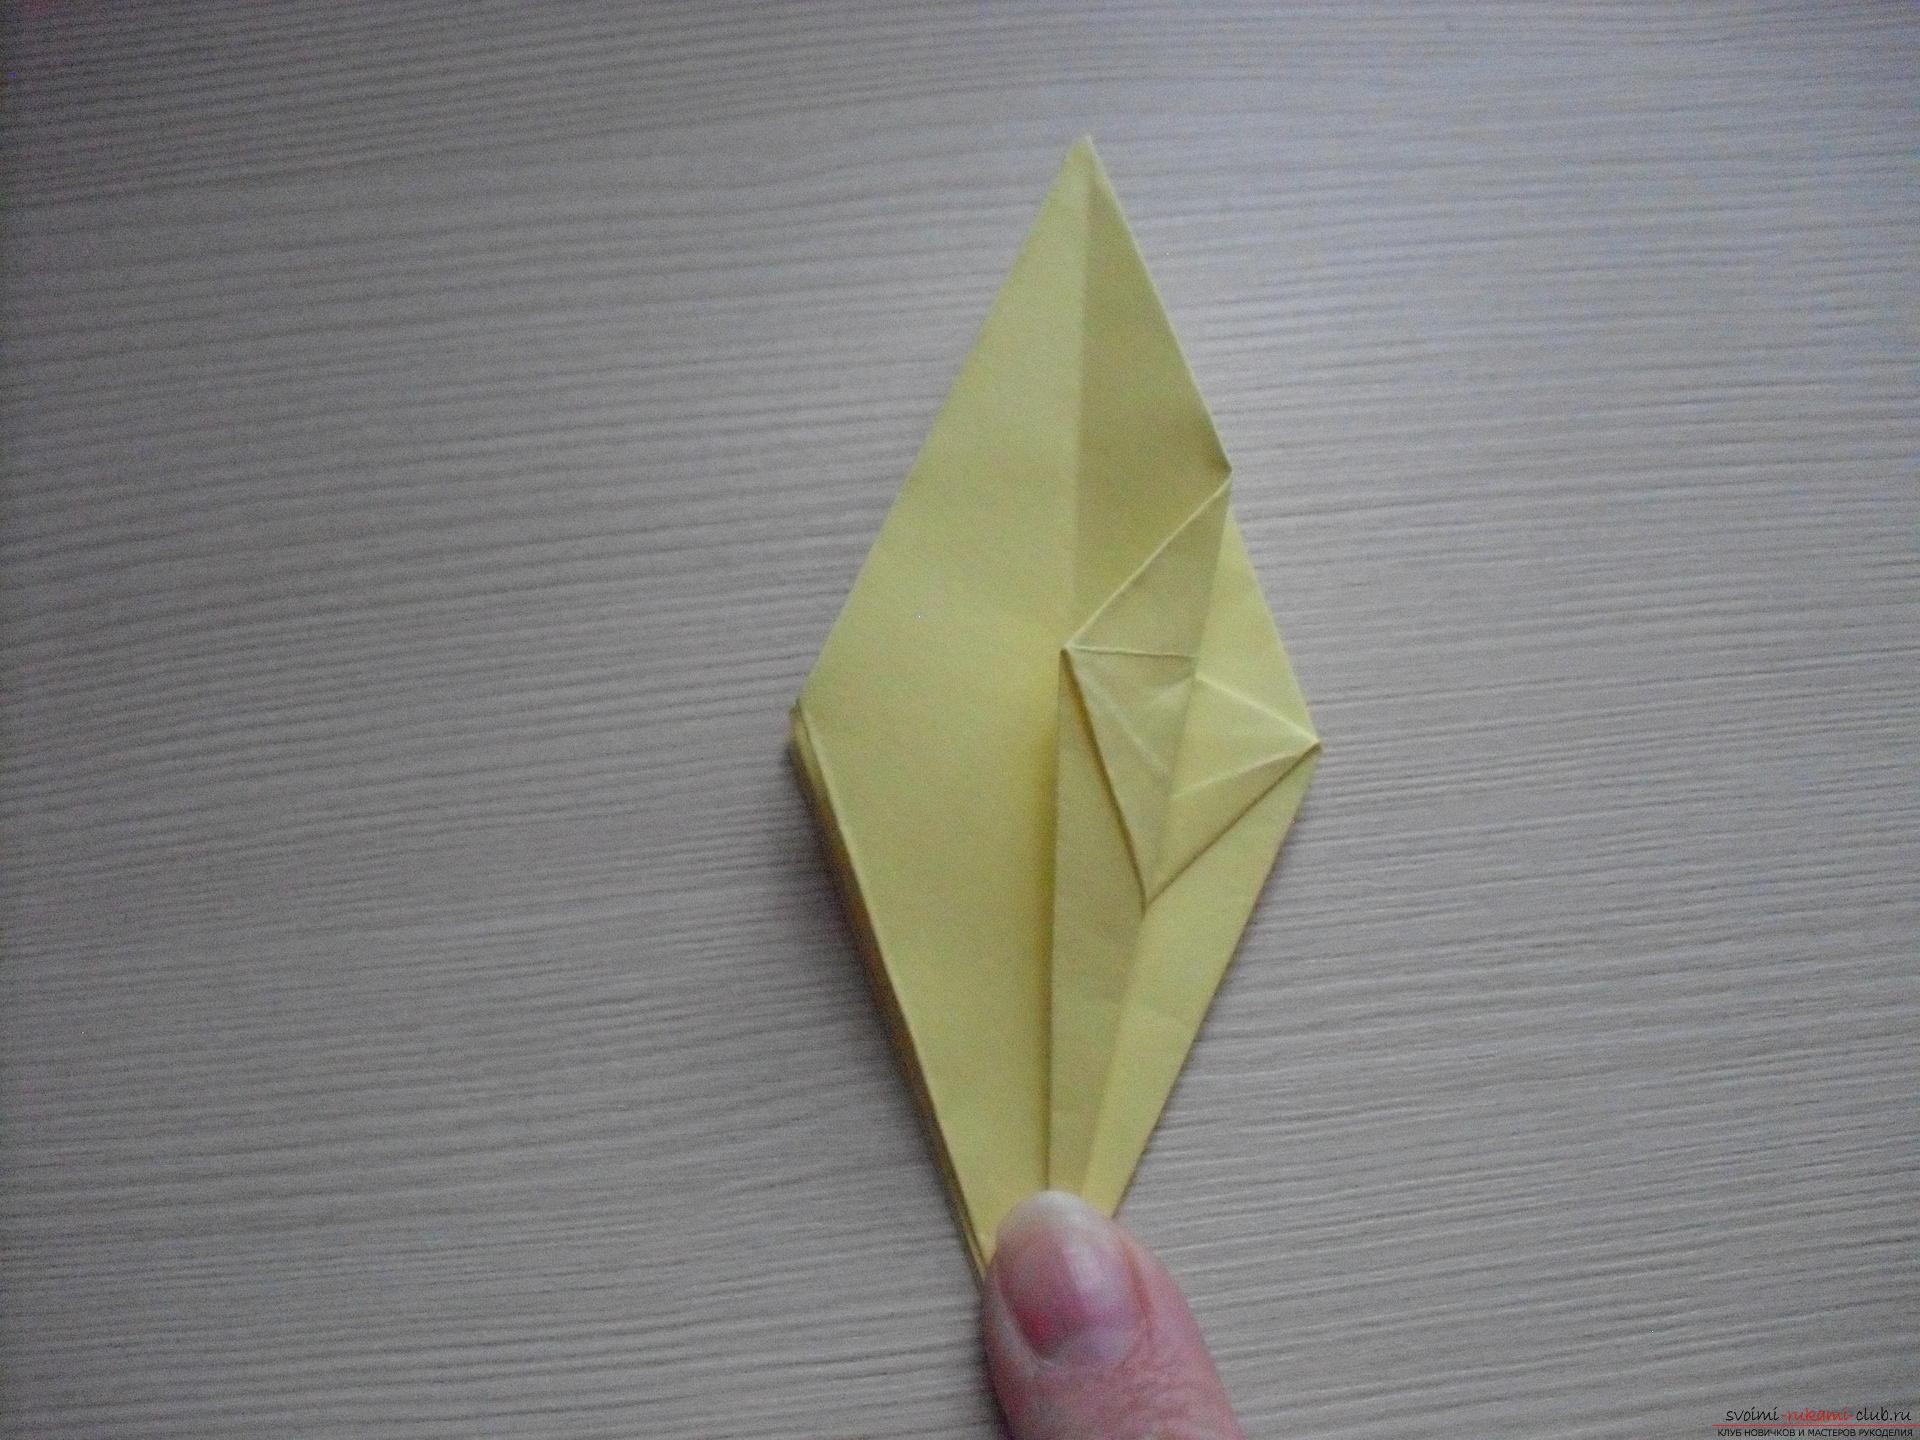 Этот пошаговый мастер-класс с инструкцией модульного оригами научит как сделать корзинку с лилиями.. Фото №34